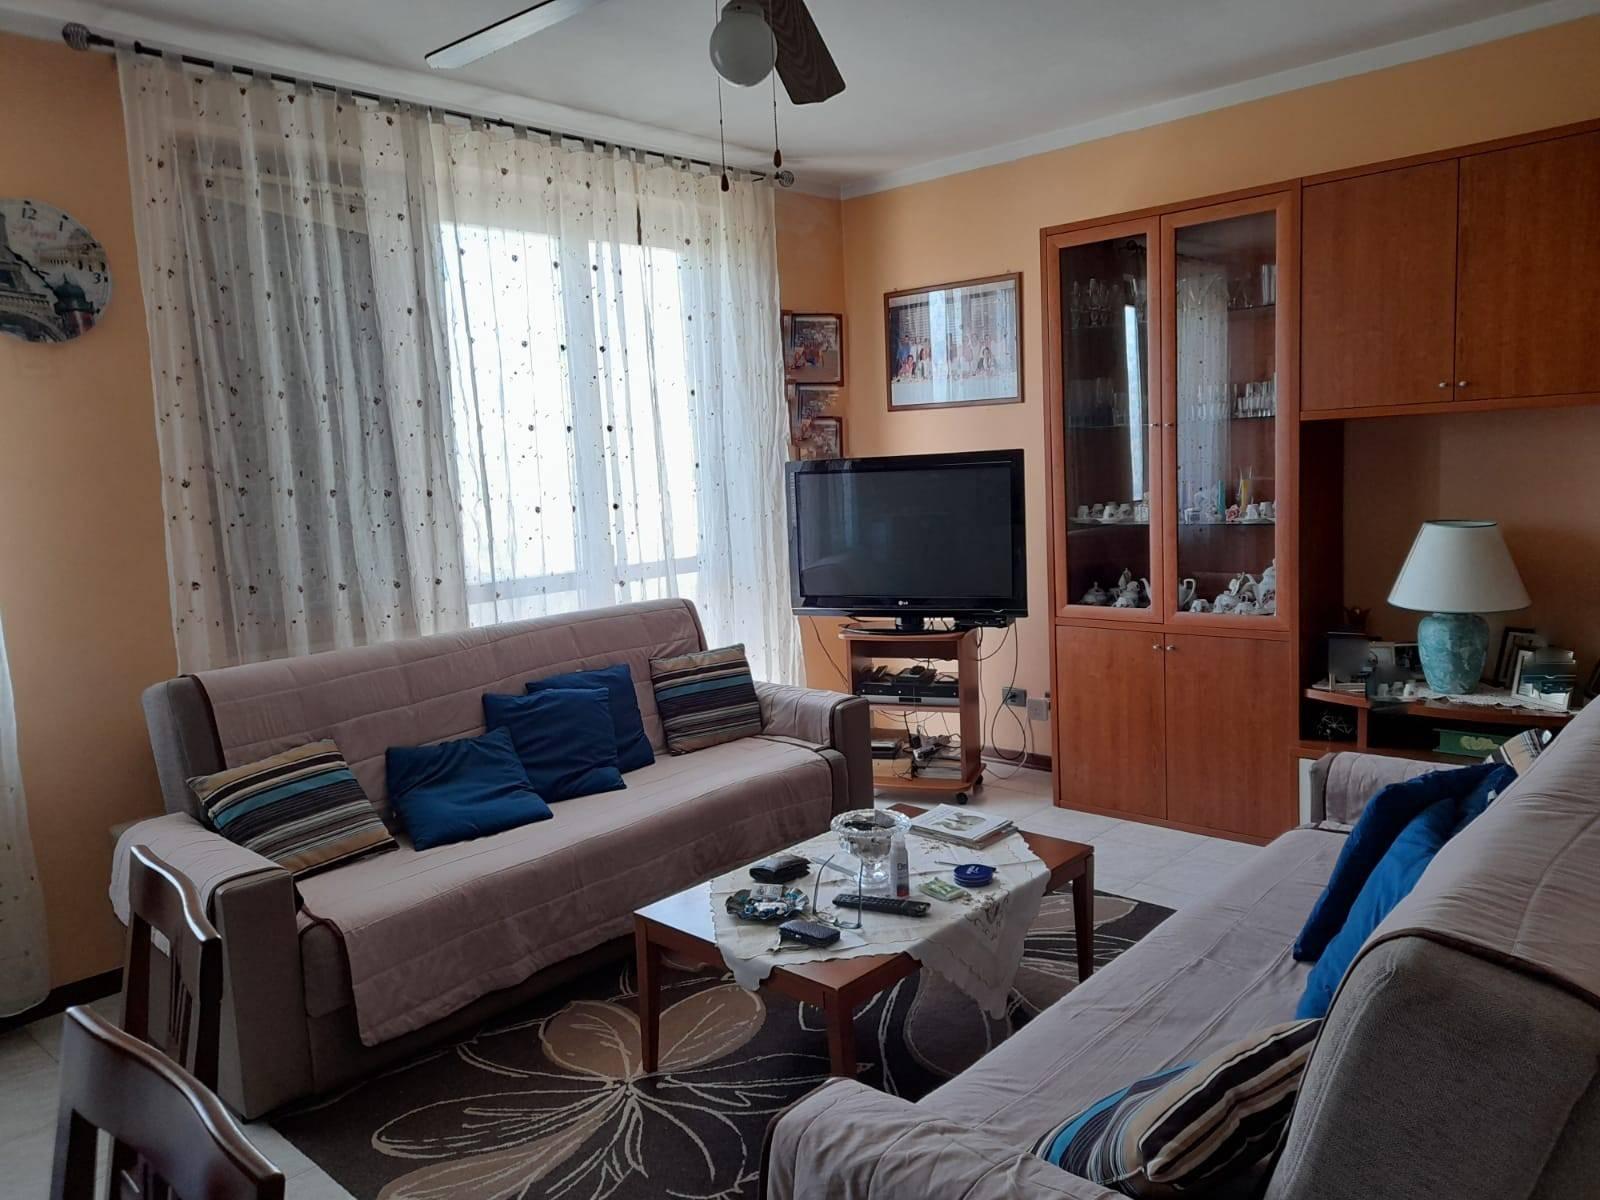 Villa a schieraaBORGO SAN GIOVANNI